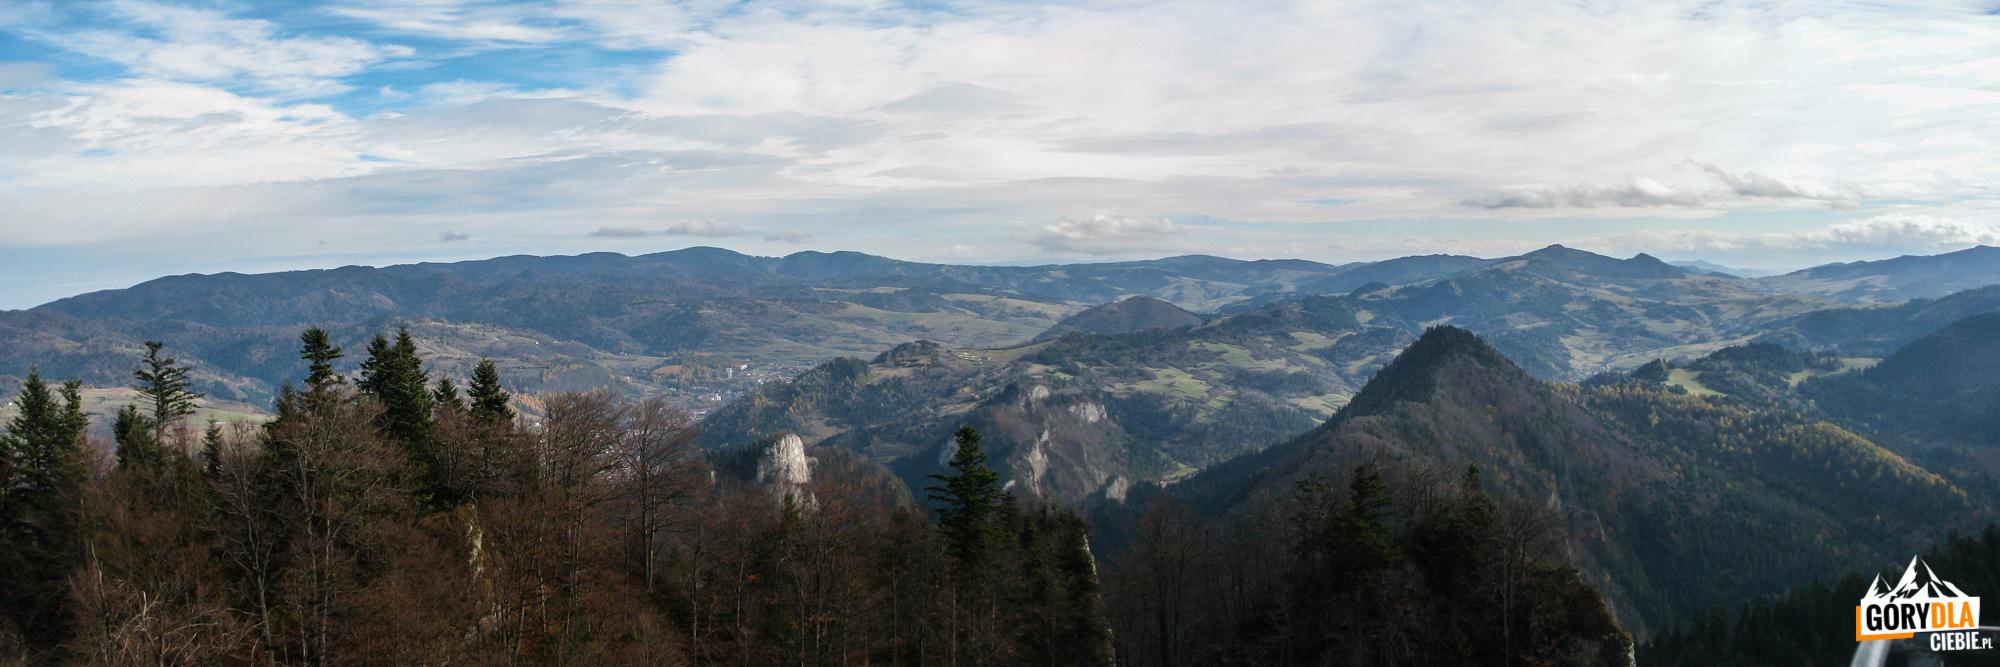 Panorama z Trzech Koron (982 m) - pasmo Przehyby i Radziejowej, a bardziej na południe w dole Przełom Dunajca, a za nim Małe Pieniny z najwyższym szczytem Wysoka (1050 m)